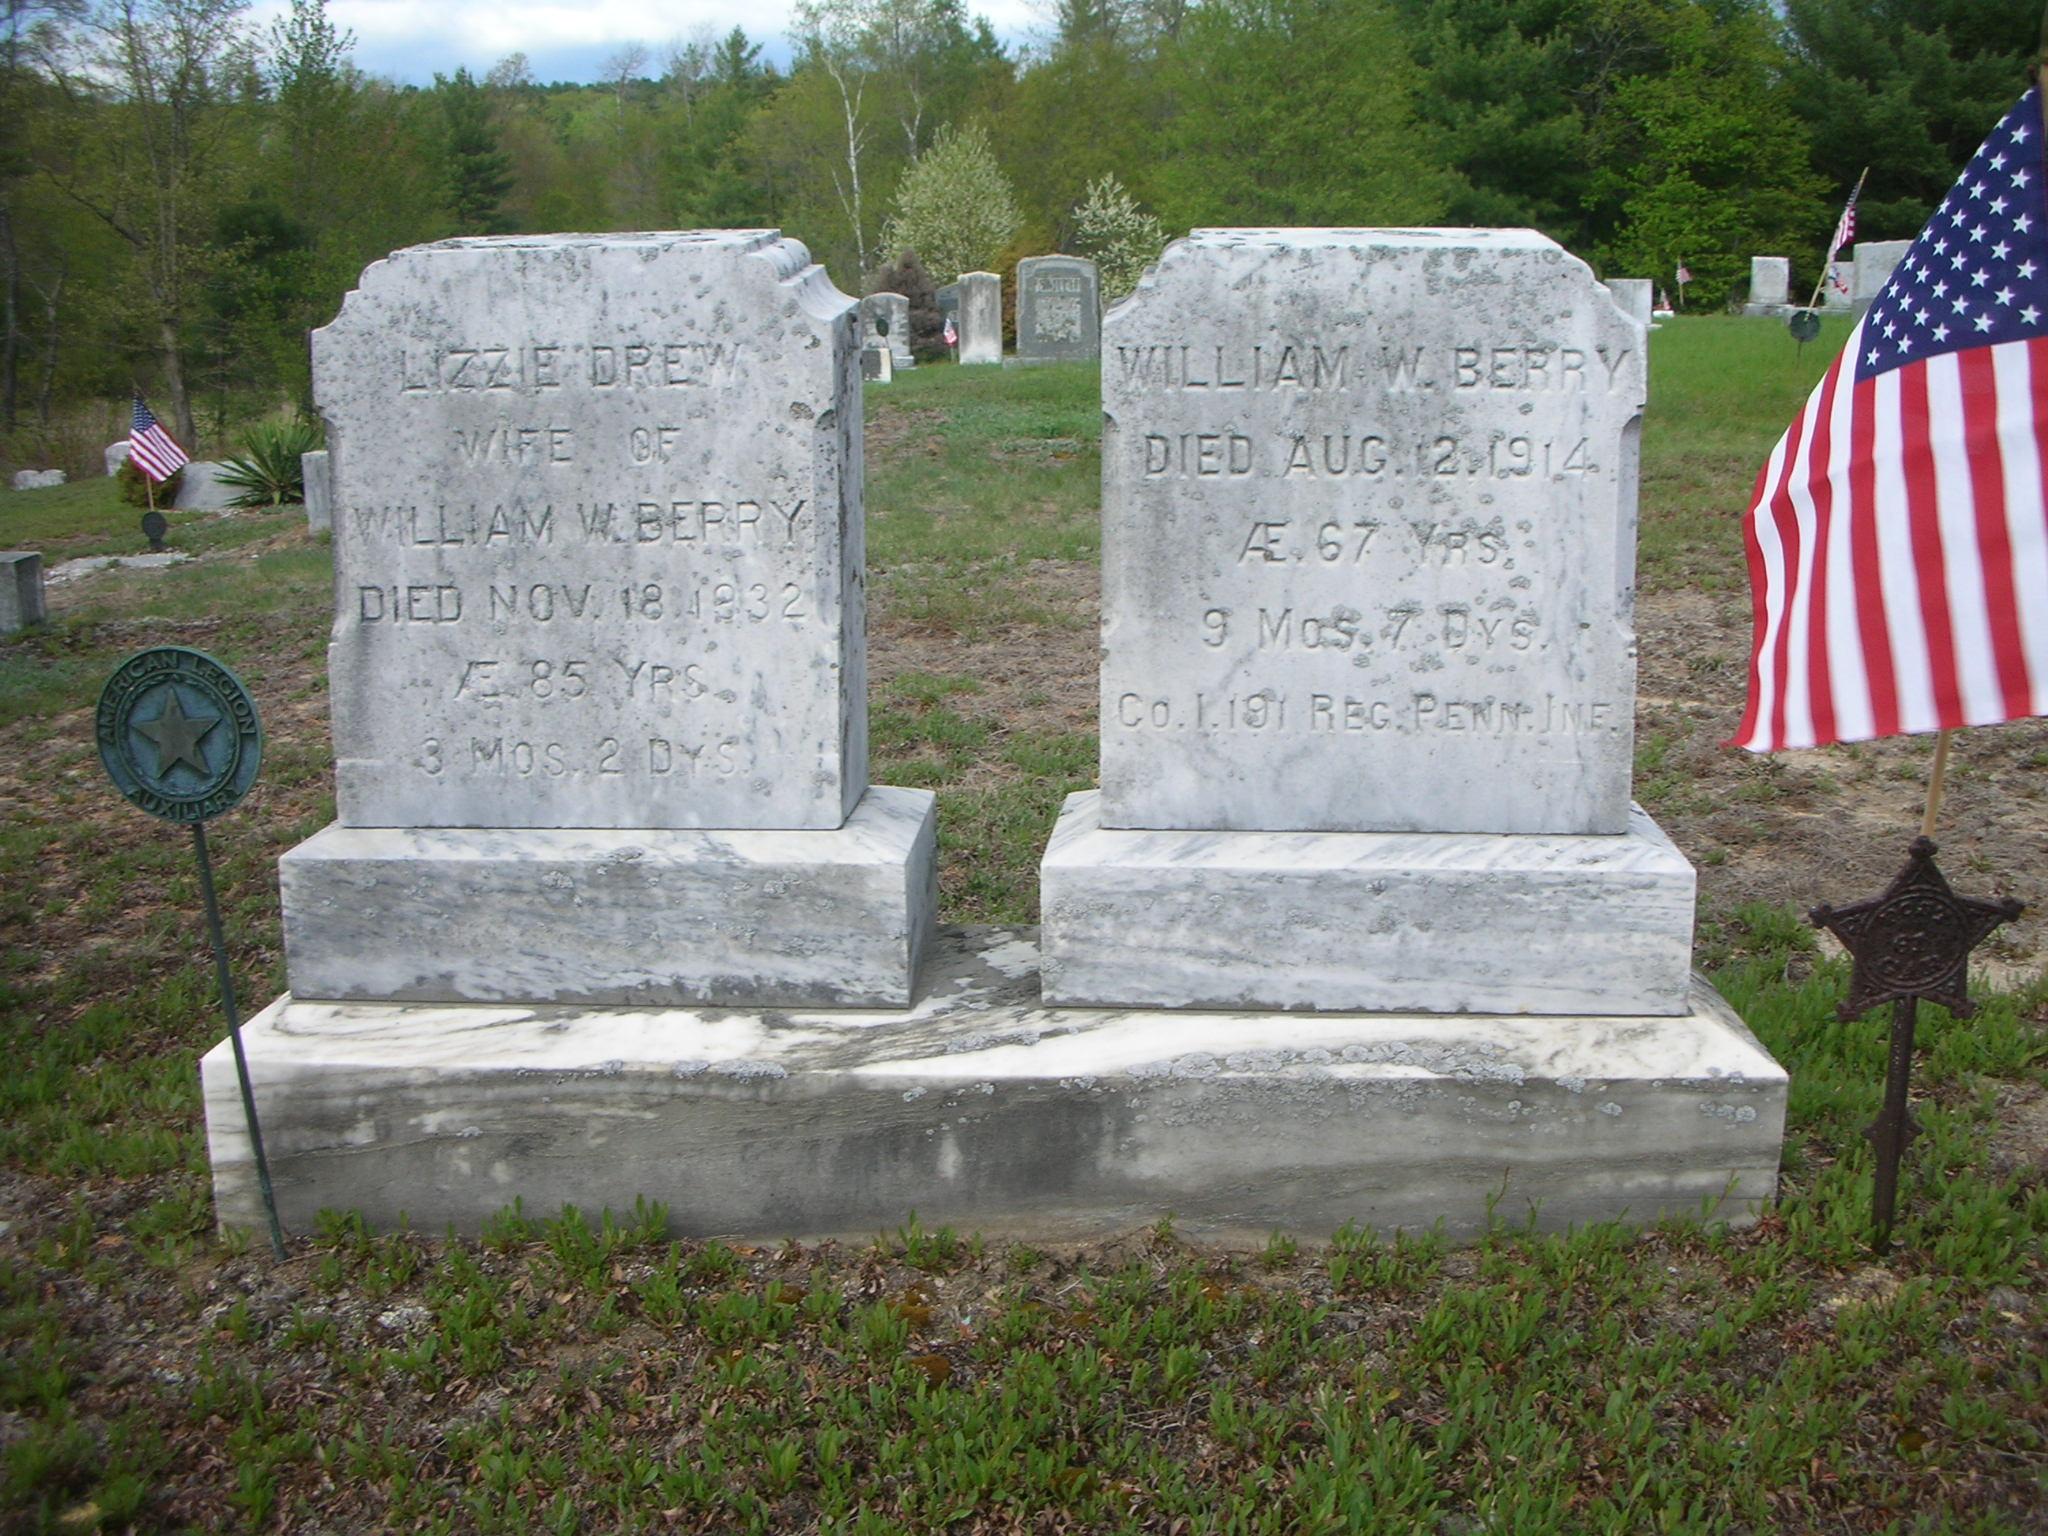 Wakefield F. alias William W. Berry